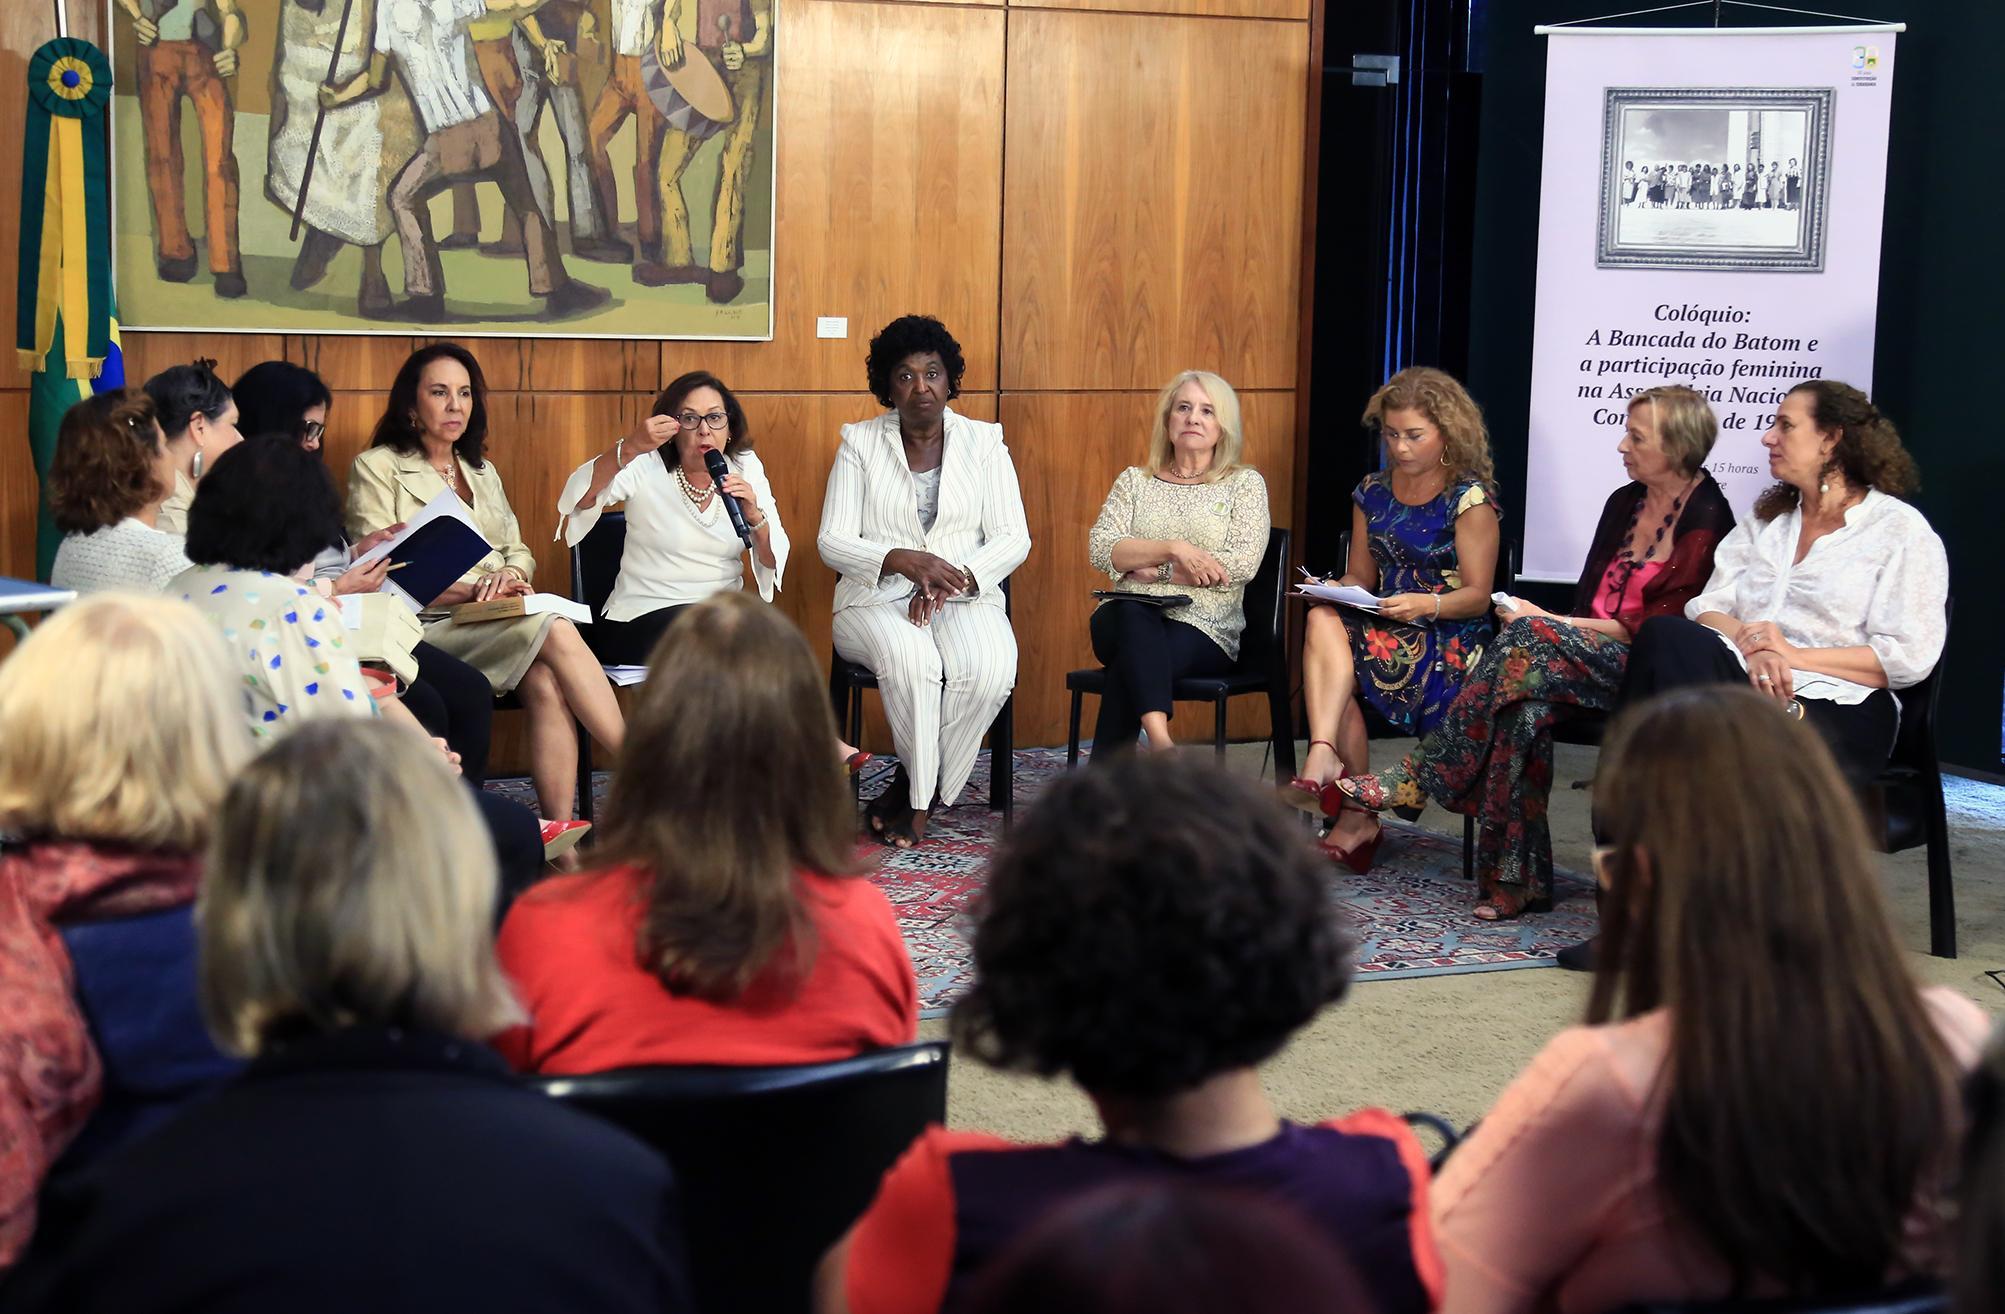 Colóquio: A Bancada do Batom e a Participação Feminina na Assembleia Nacional Constituinte de 1987 – 1988